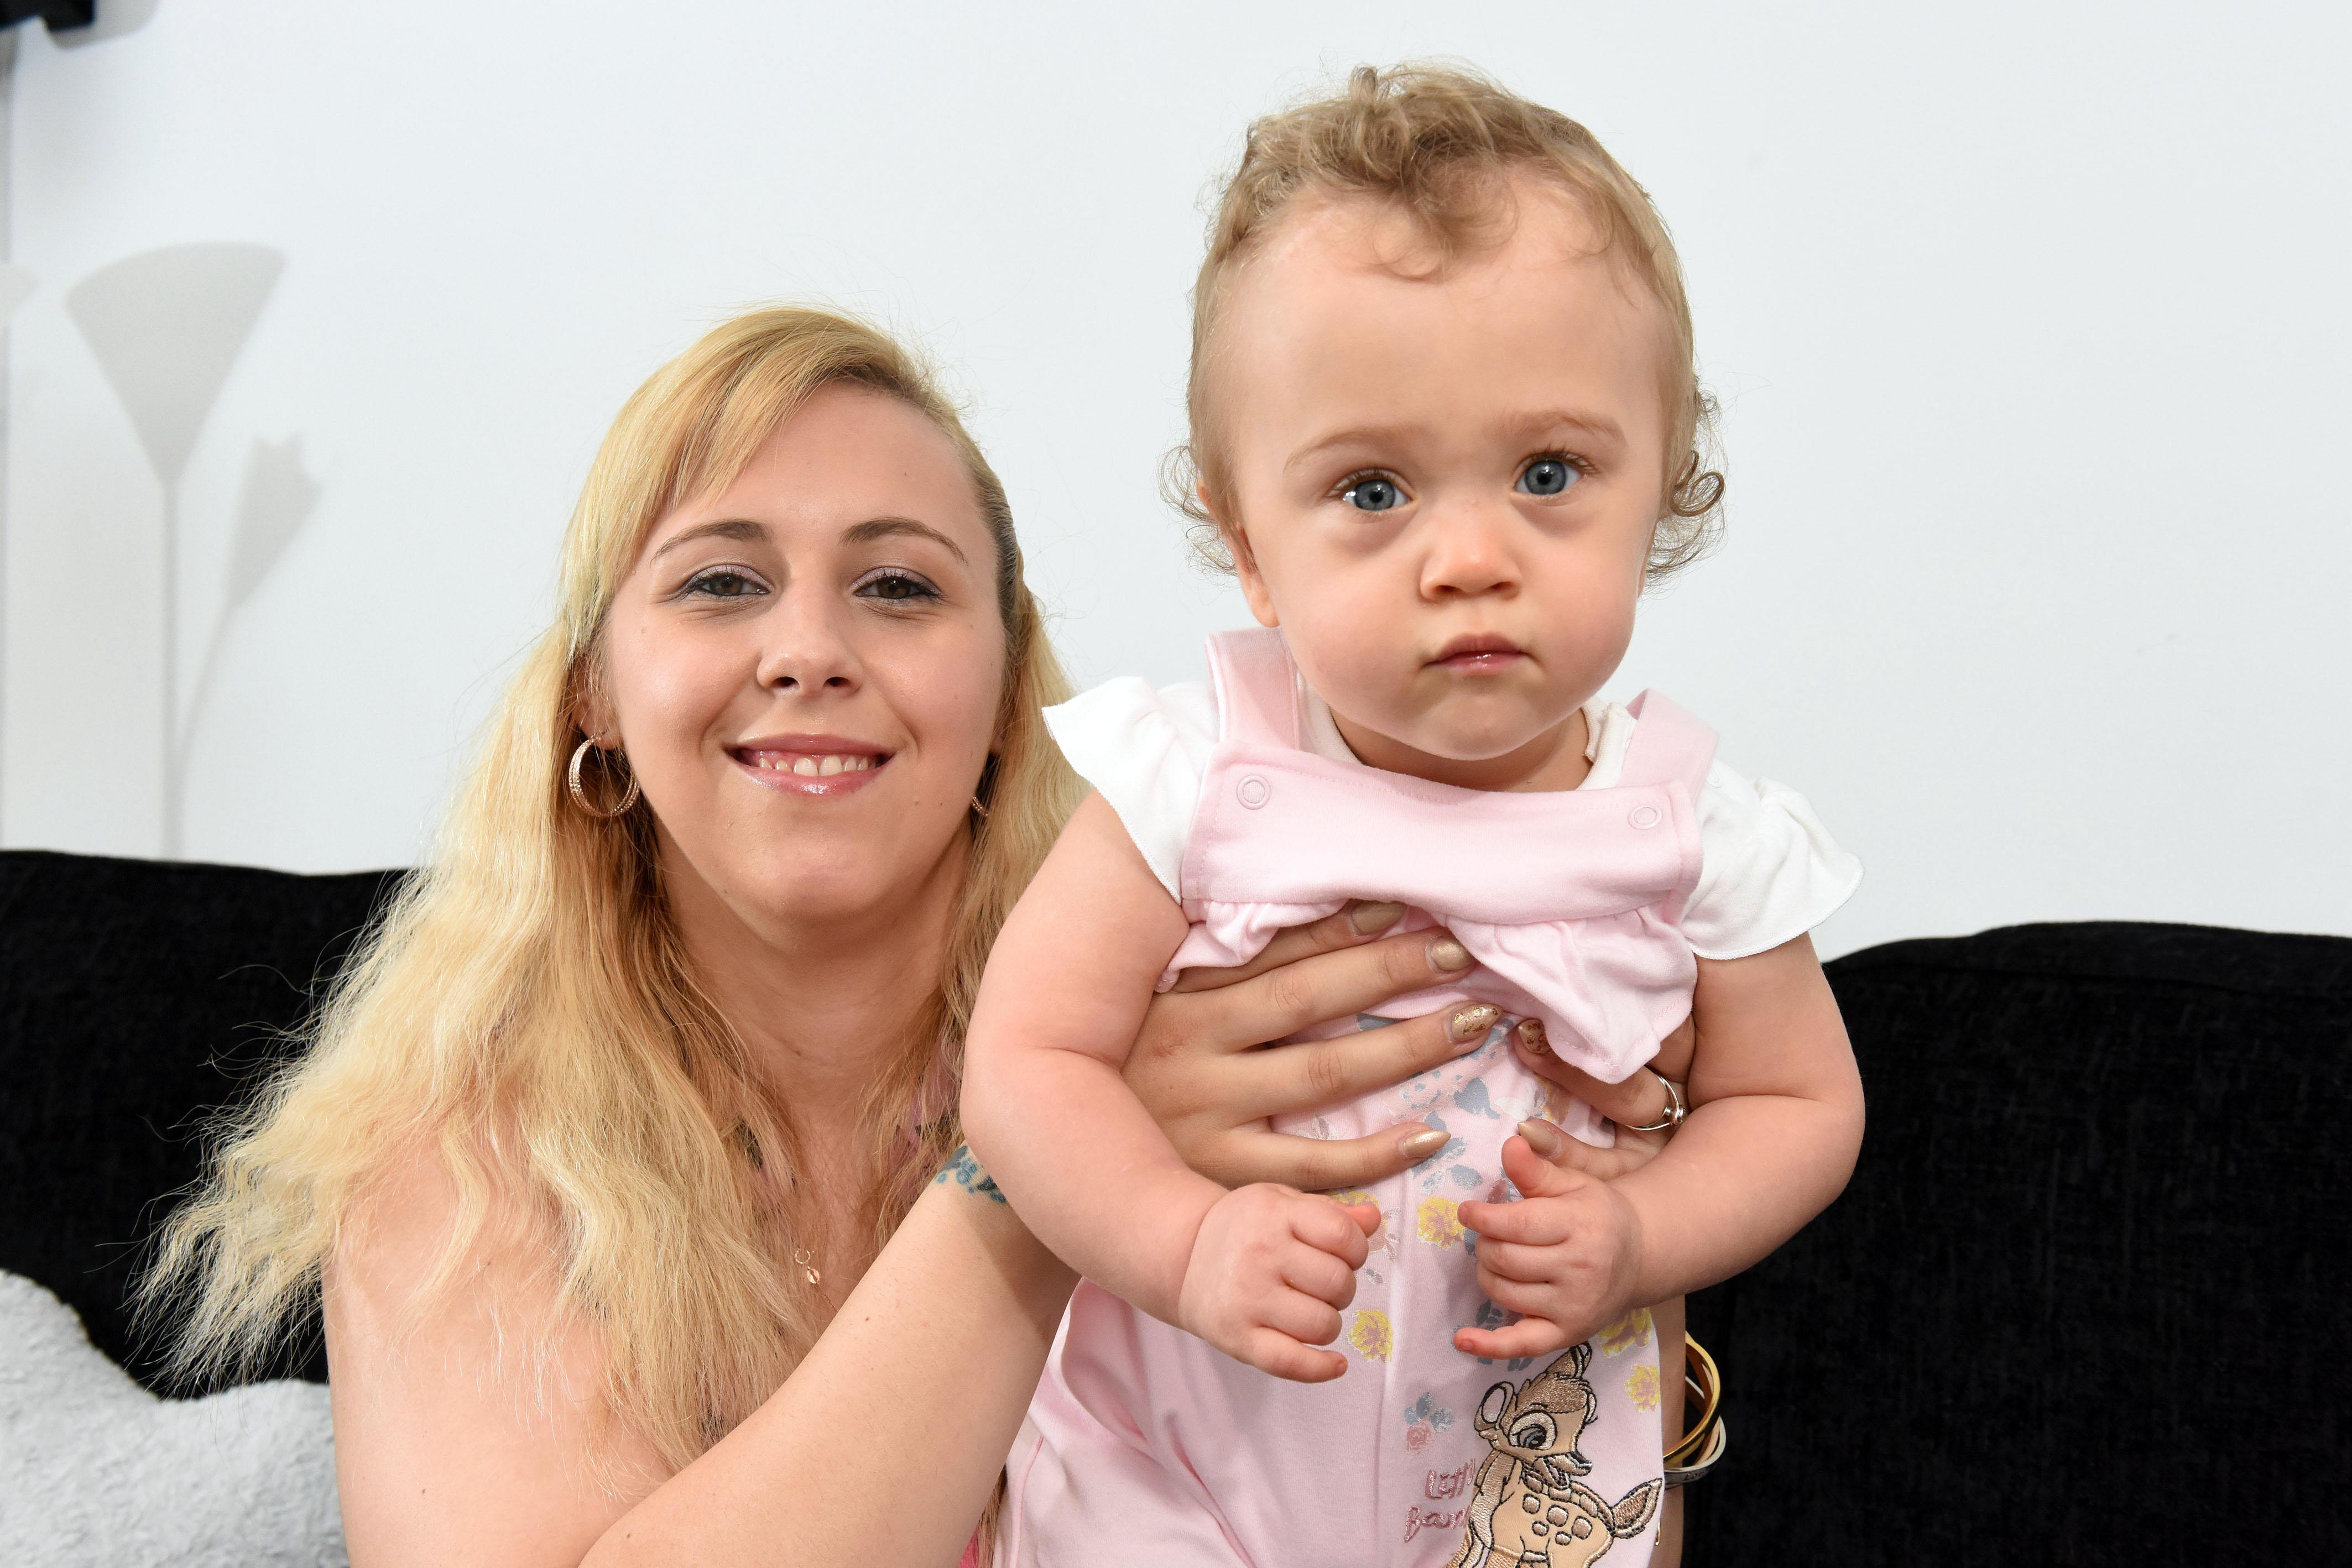 怀孕24周女子在马桶上早产生下女儿,如今孩子已15个月很健康